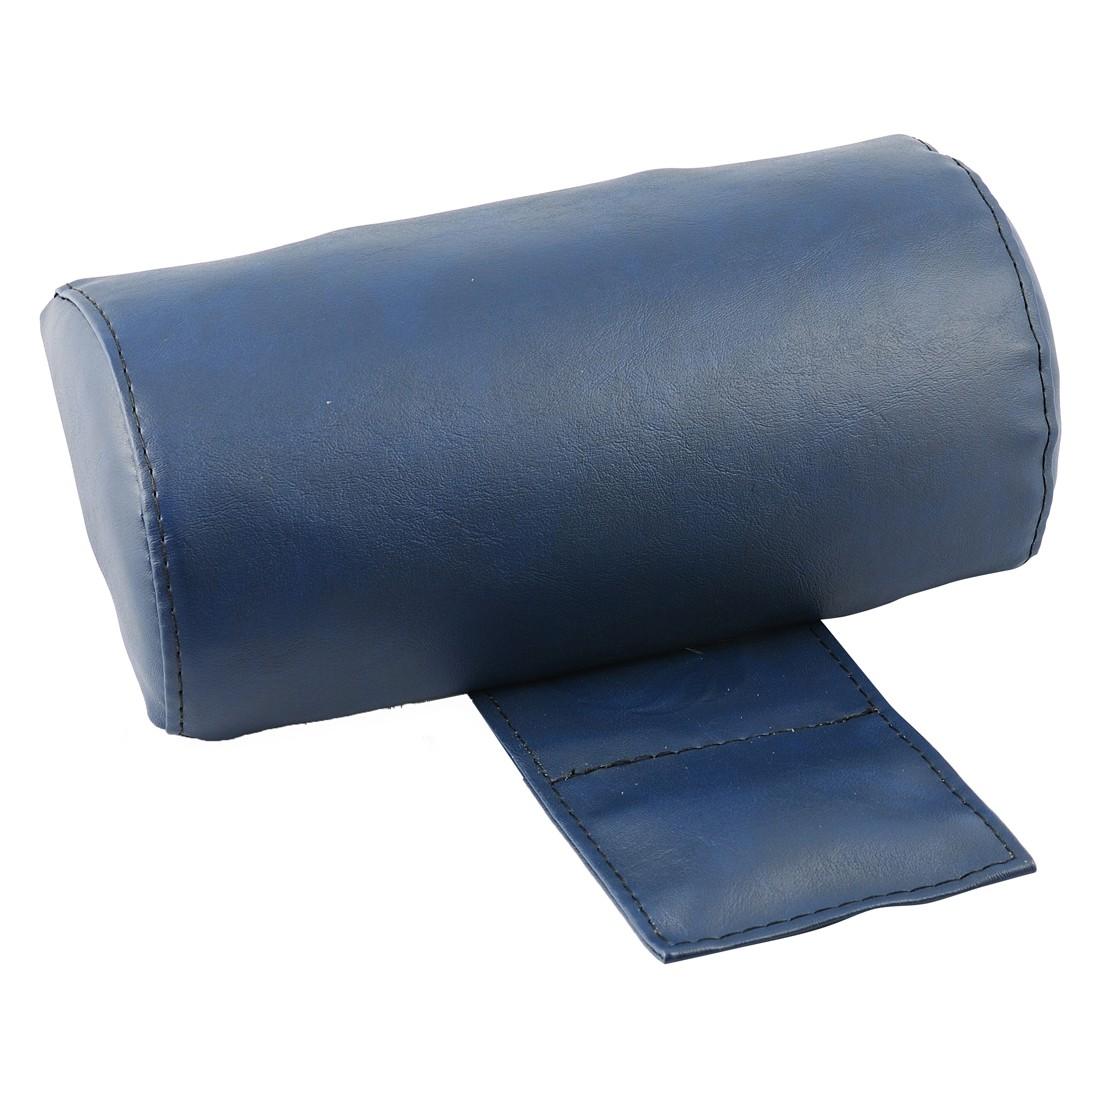 Beachcomber Hot Tubs Spa pillow, hoofdkussen voor jacuzzi, kleur mid blue